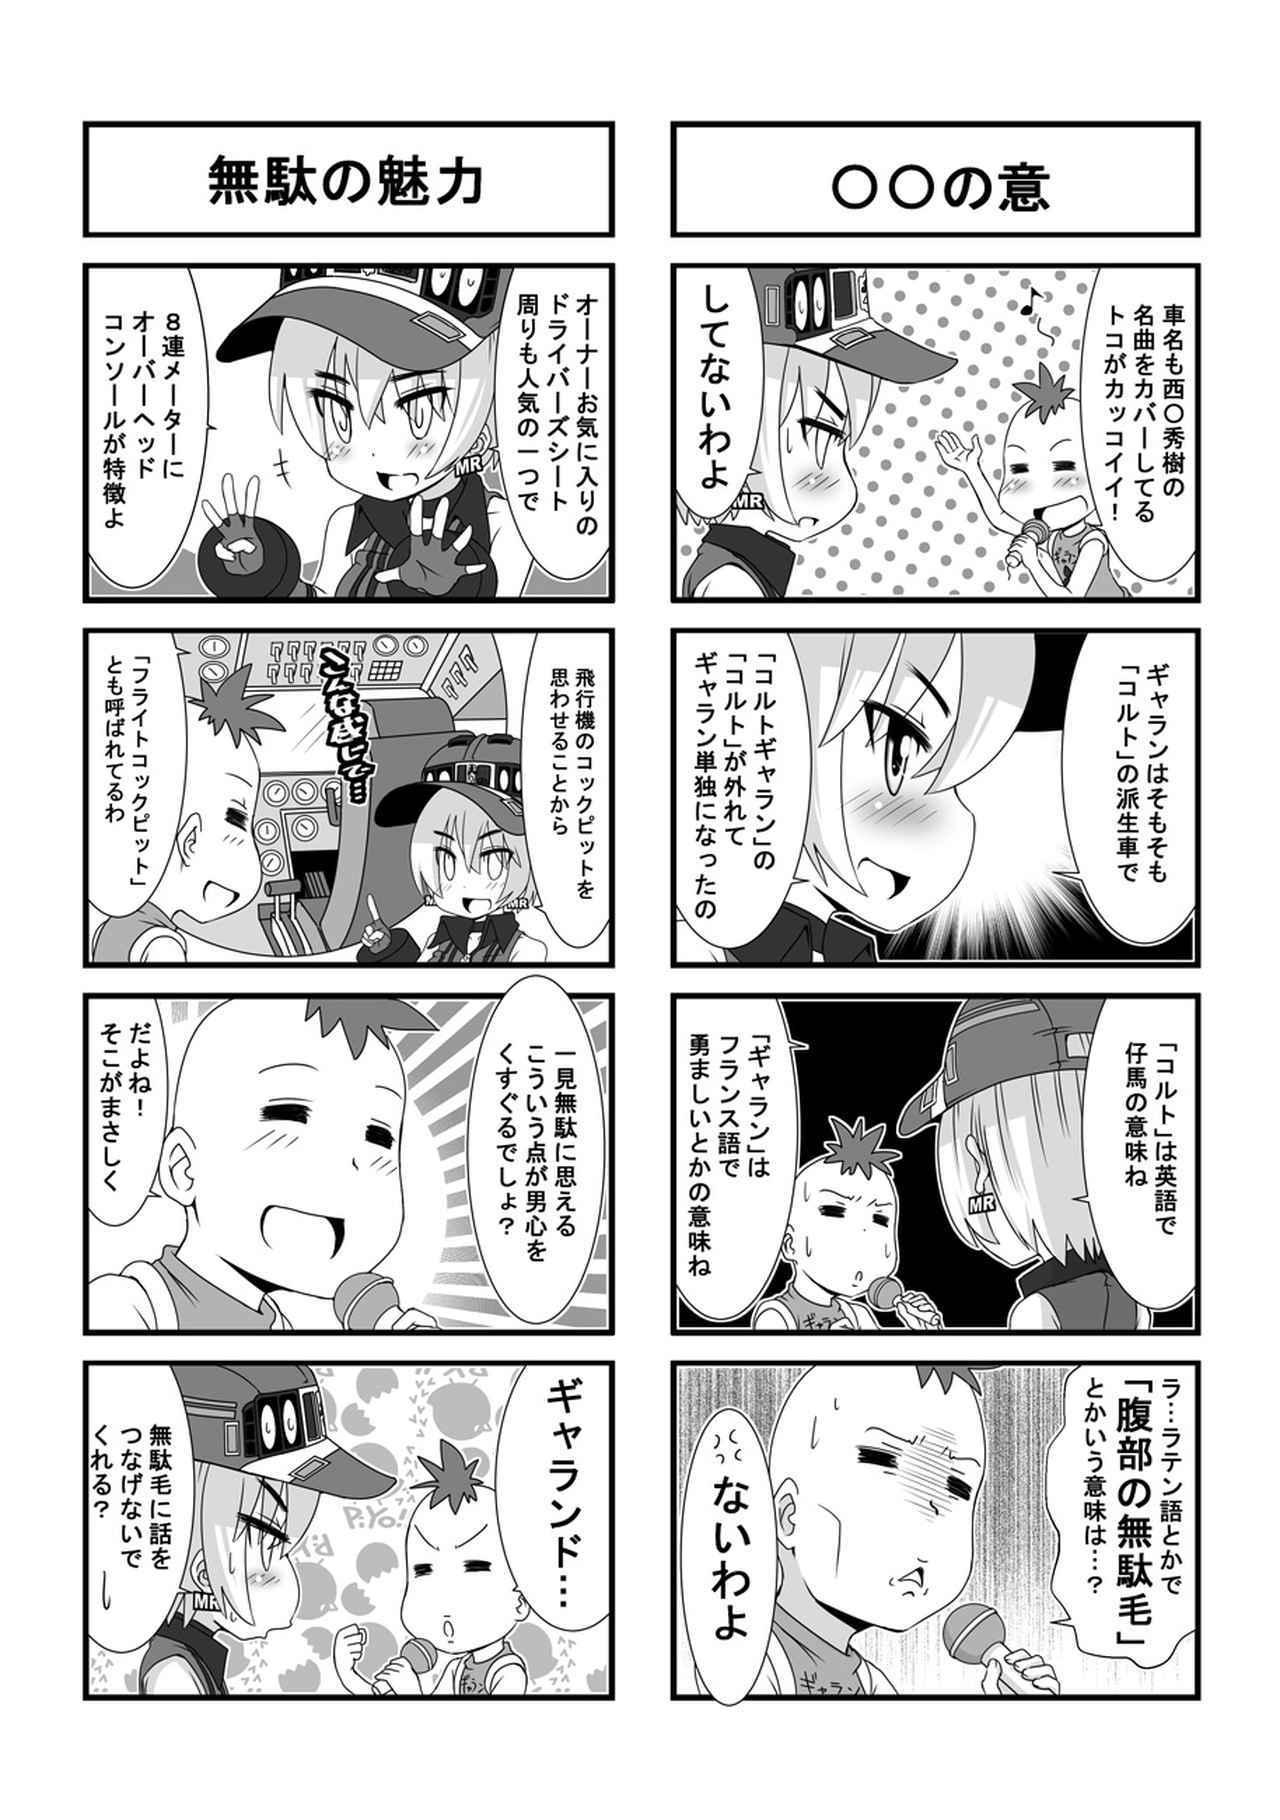 ウチクル!?第50話「三菱 ギャランGTO MRがこんなに可愛いわけがない!?」クルマ擬人化マンガ